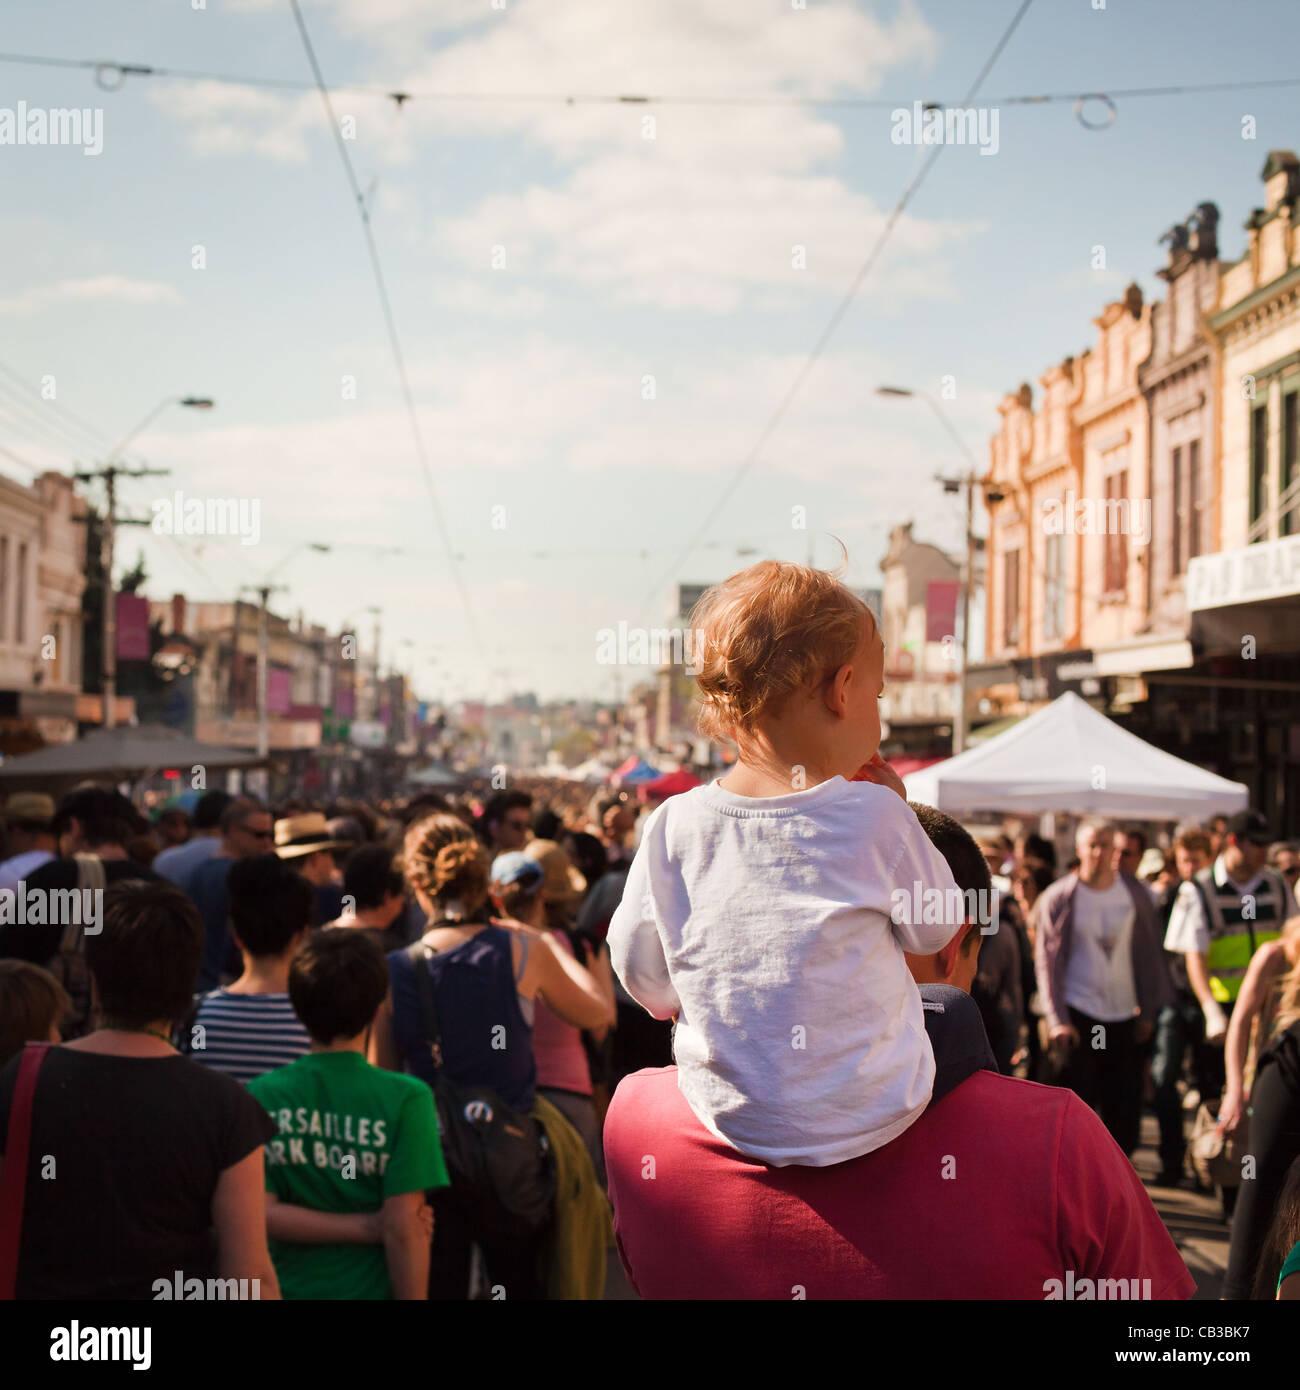 High Noon es un festival comunitario local Northcote Music Fest en Melbourne, Australia, el niño obtiene un piggy back a través de la multitud. Foto de stock